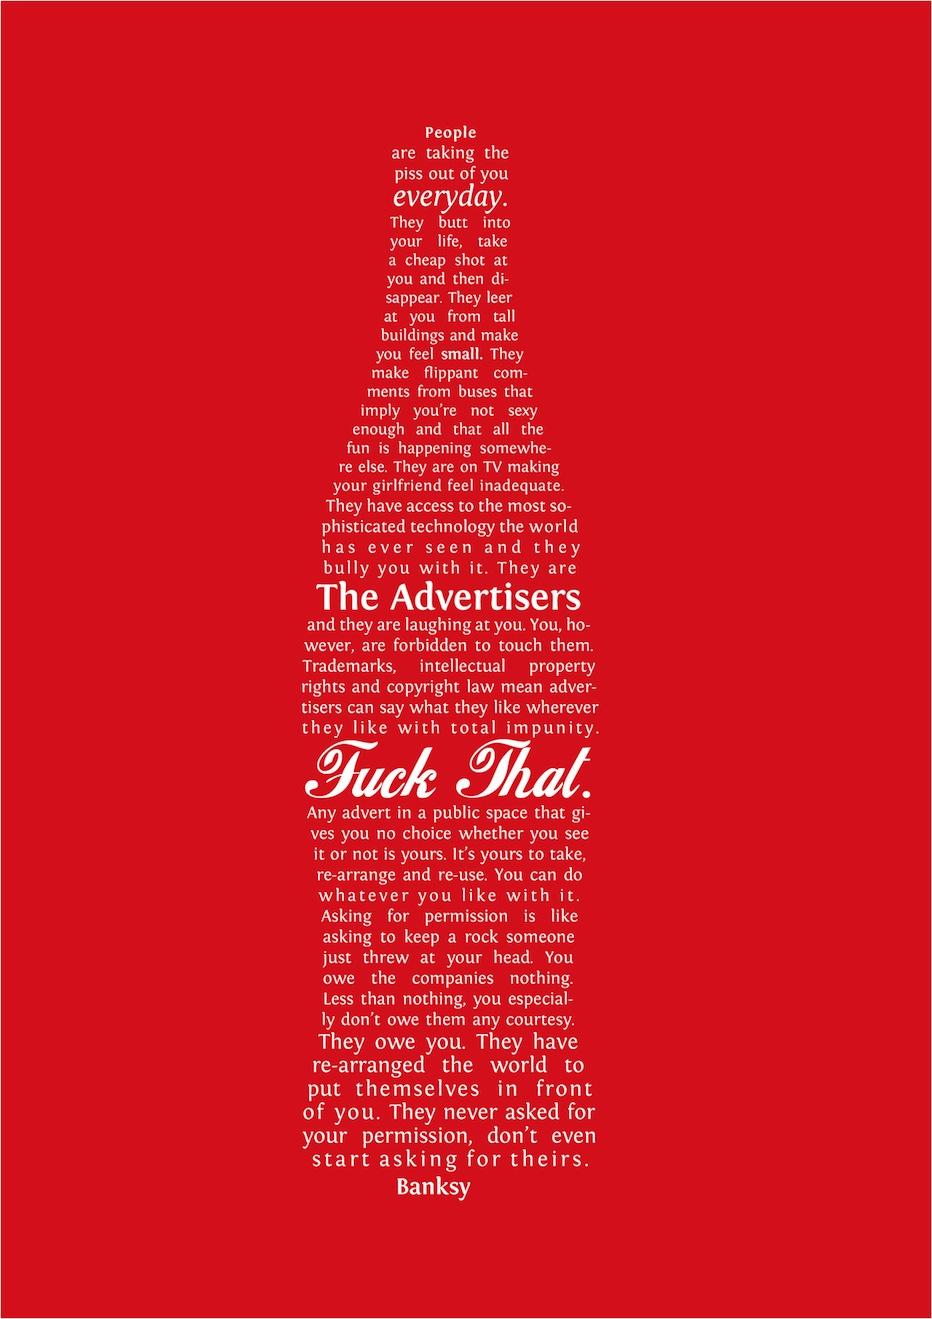 Tämäpä ei olekaan Cokiksen mainos vaan Banksyn taideteos. Ähäkutti Atlantaan.